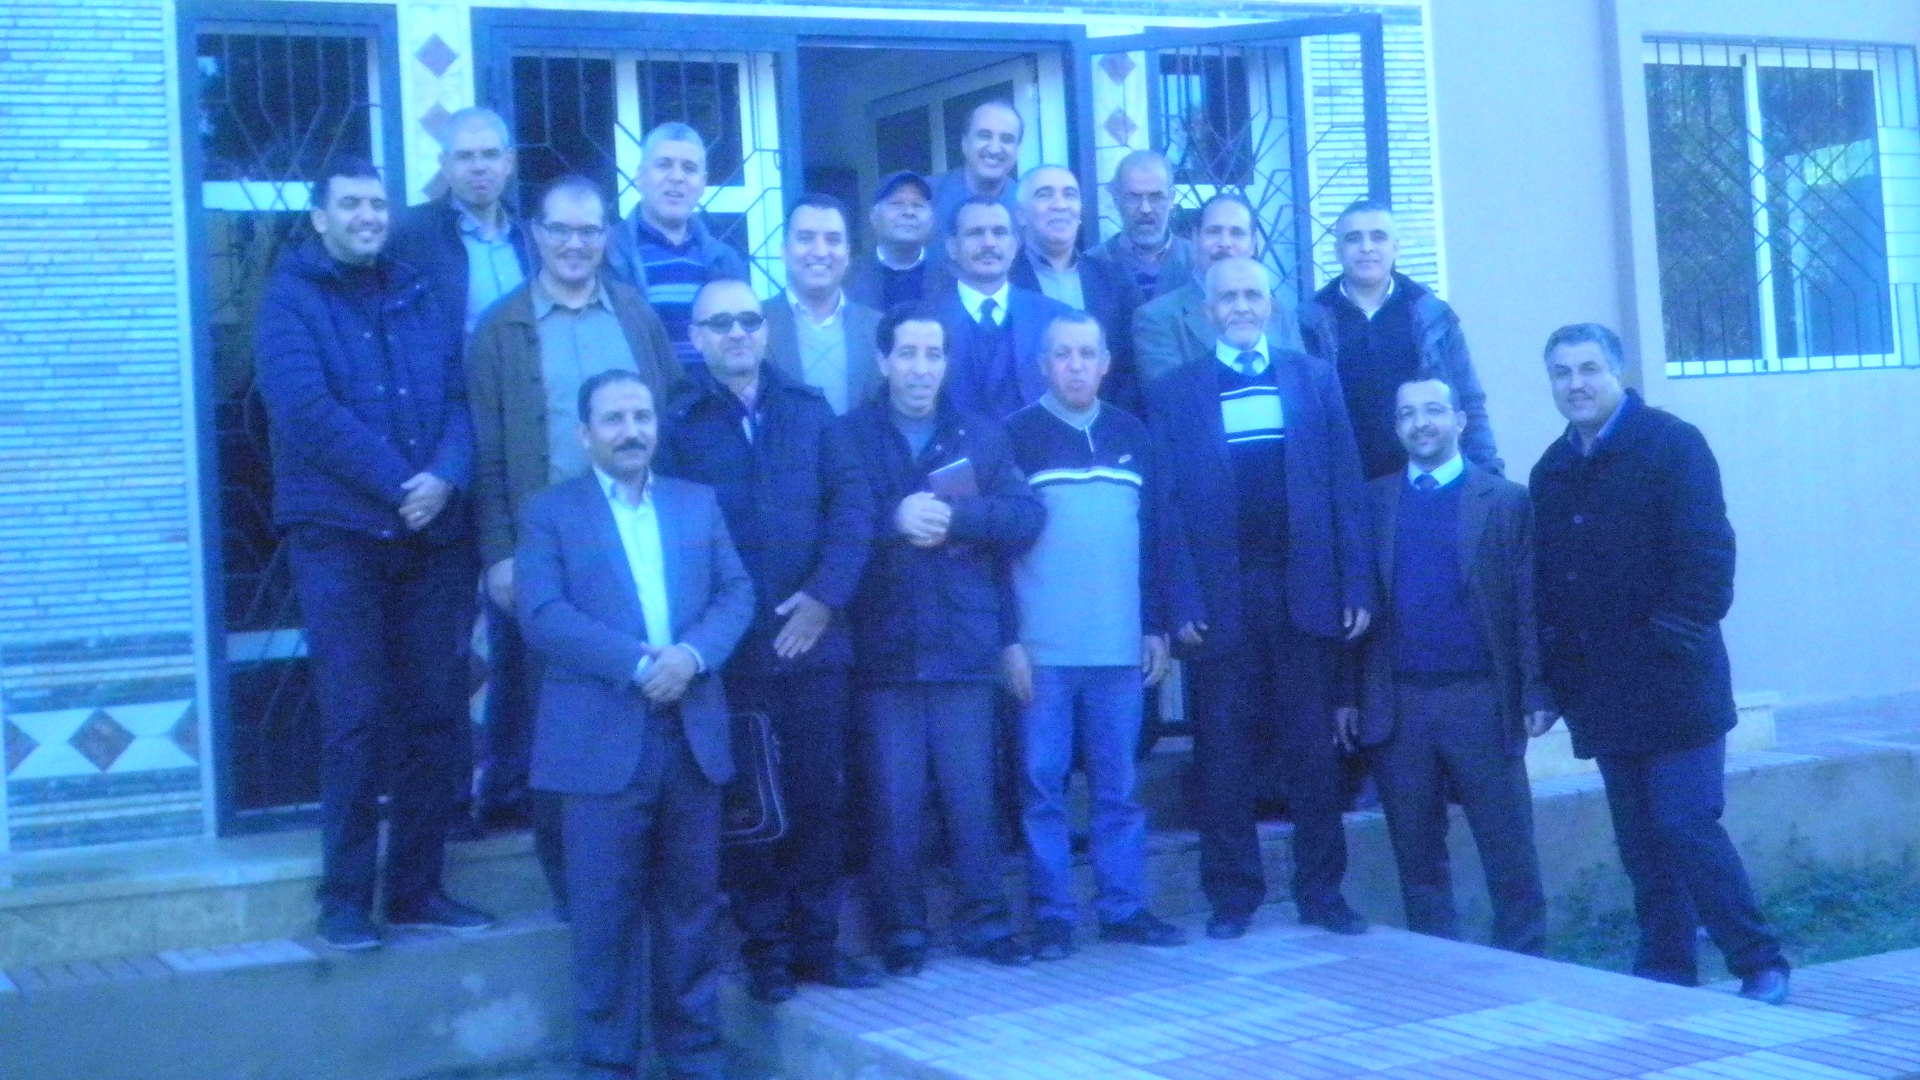 مجلس التنسيق الإقليمي بتيزنيت ينظم ندوة تربوية حول التدبير البيداغوجي